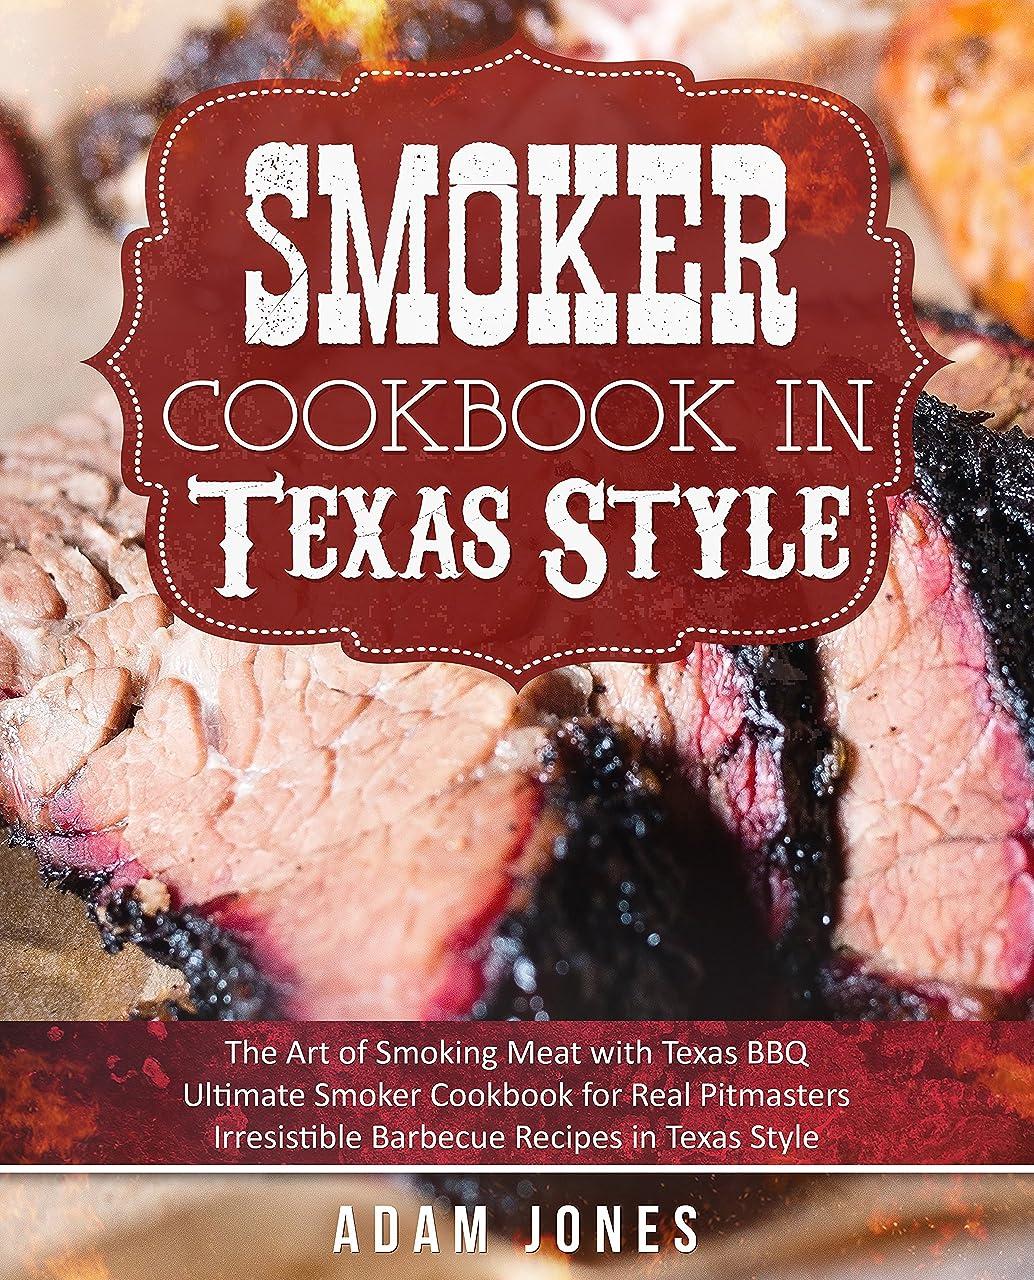 ビタミンコインランドリーメンタルSmoker Cookbook in Texas Style: The Art of Smoking Meat with Texas BBQ, Ultimate Smoker Cookbook for Real Pitmasters, Irresistible Barbecue Recipes in Texas Style (English Edition)